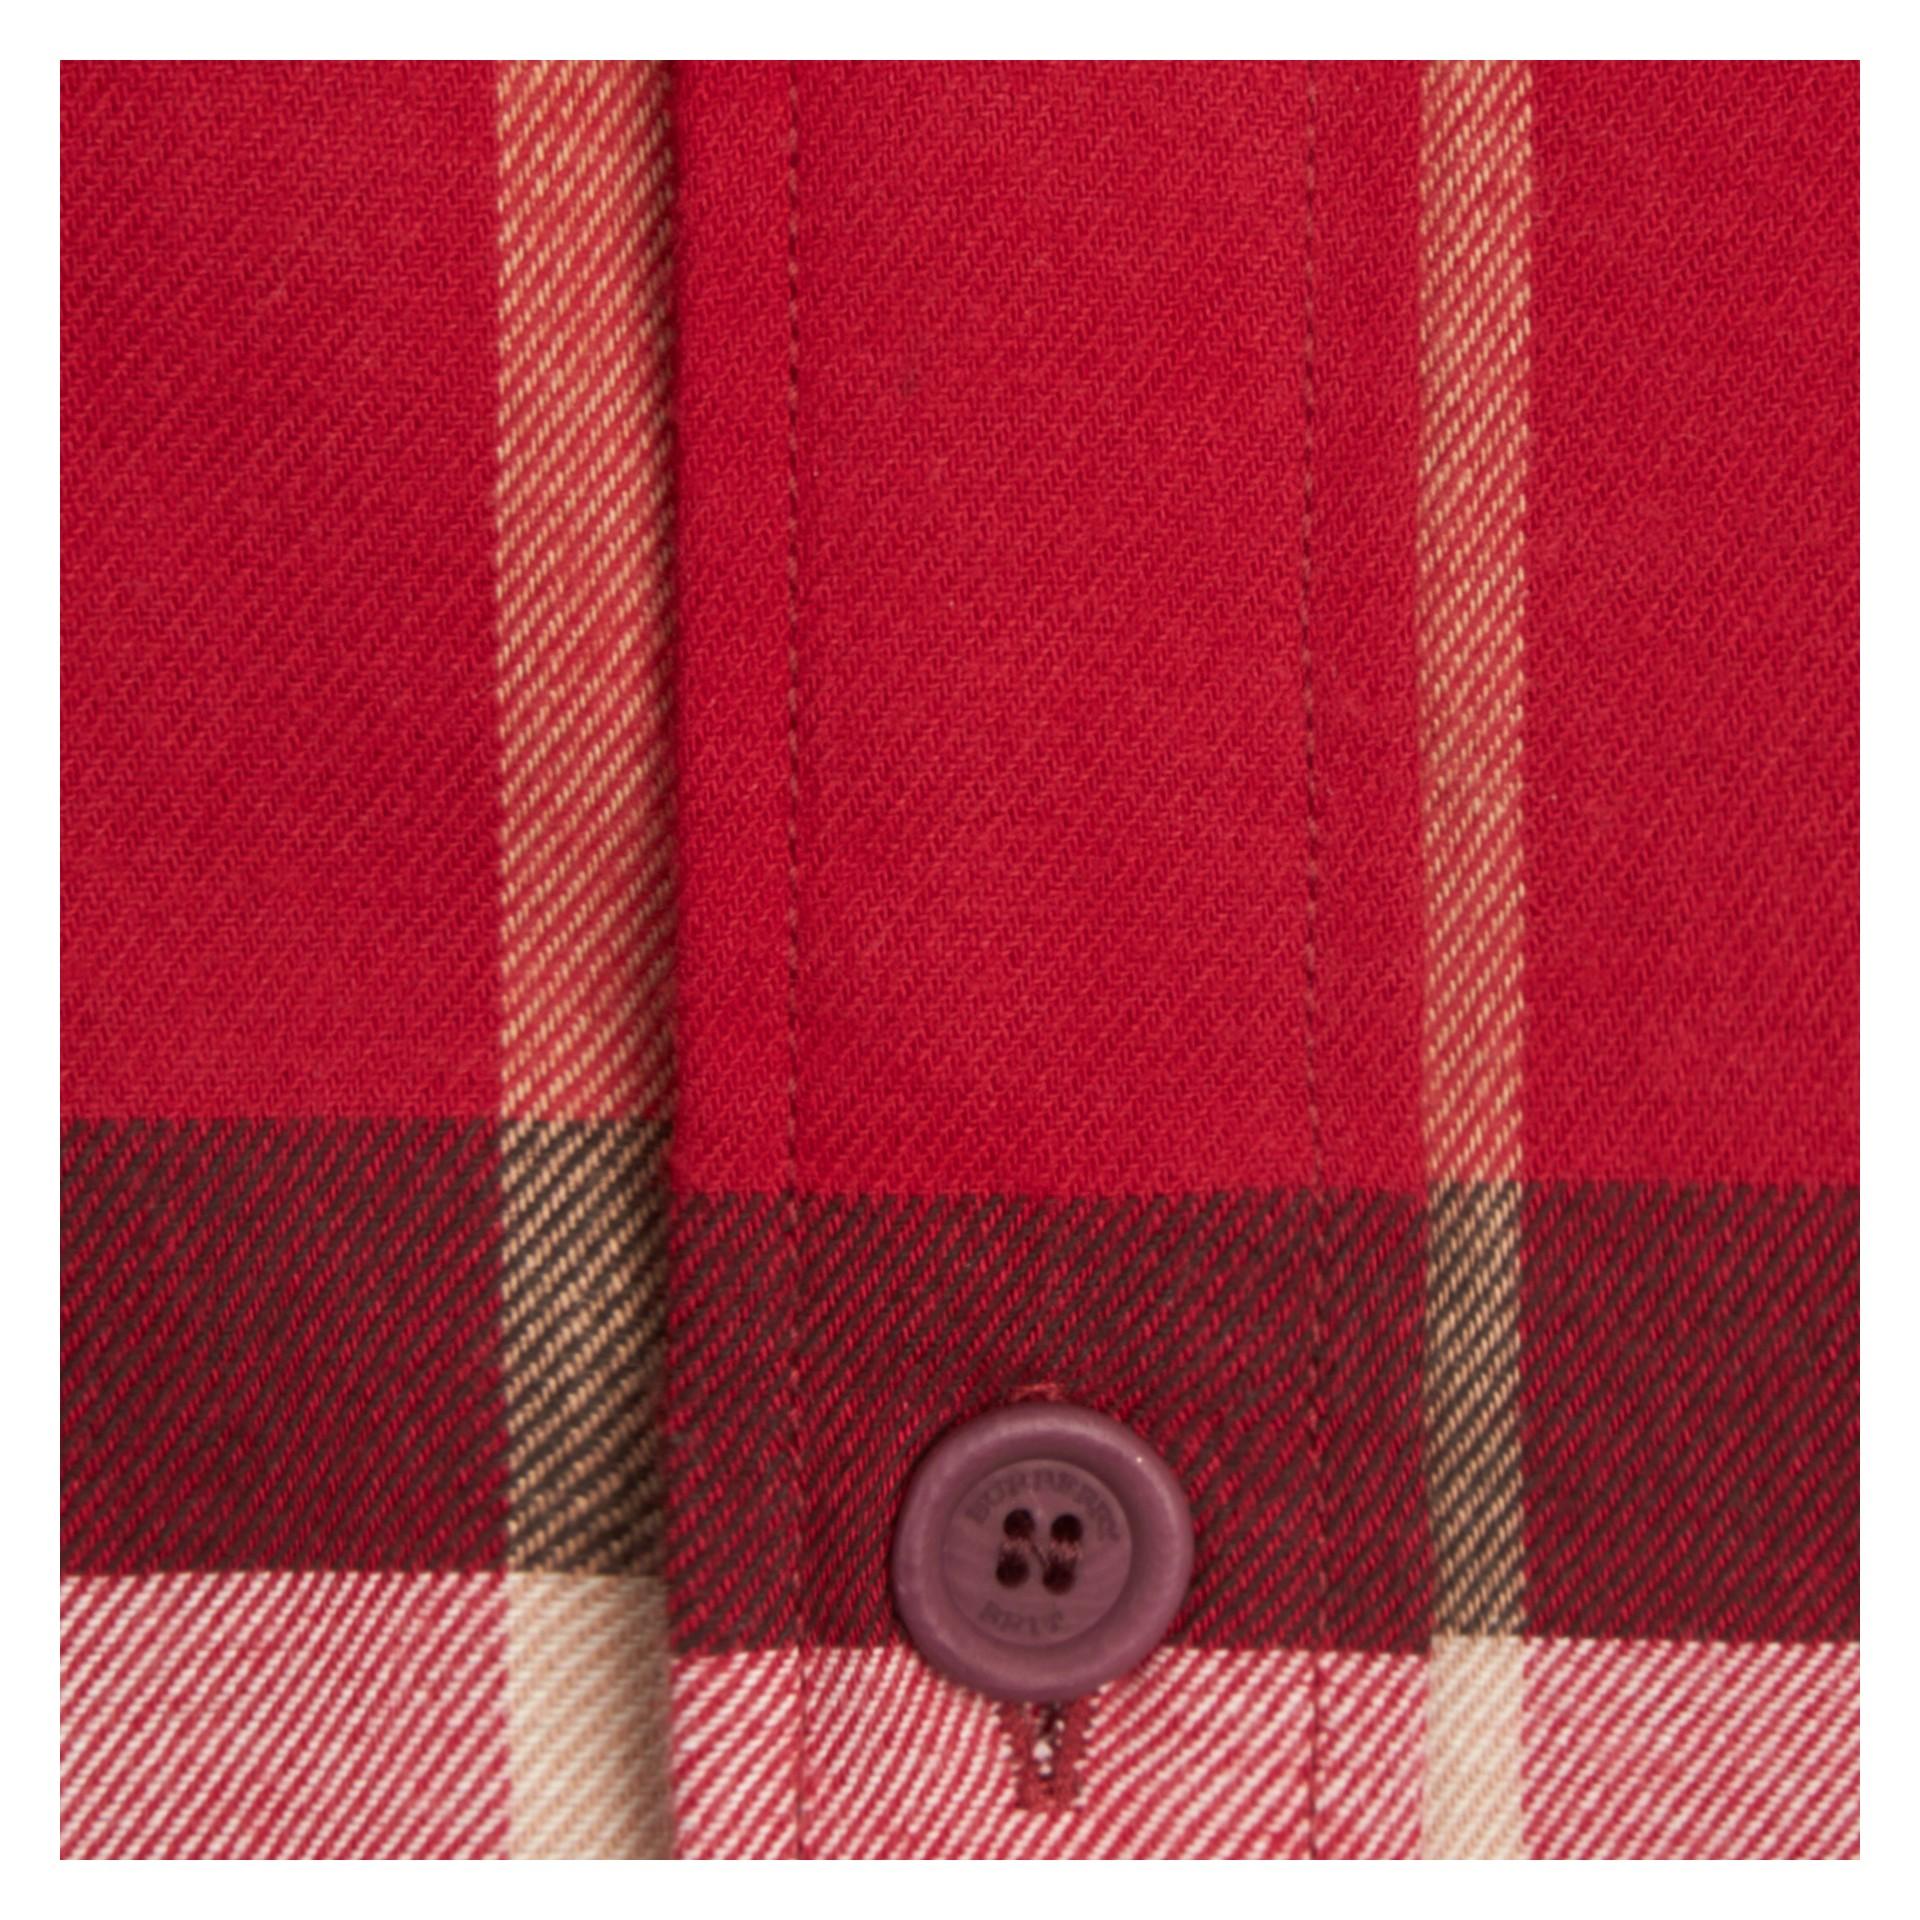 繽紛鮮紅色 格紋棉質法蘭絨襯衫 繽紛鮮紅色 - 圖庫照片 2